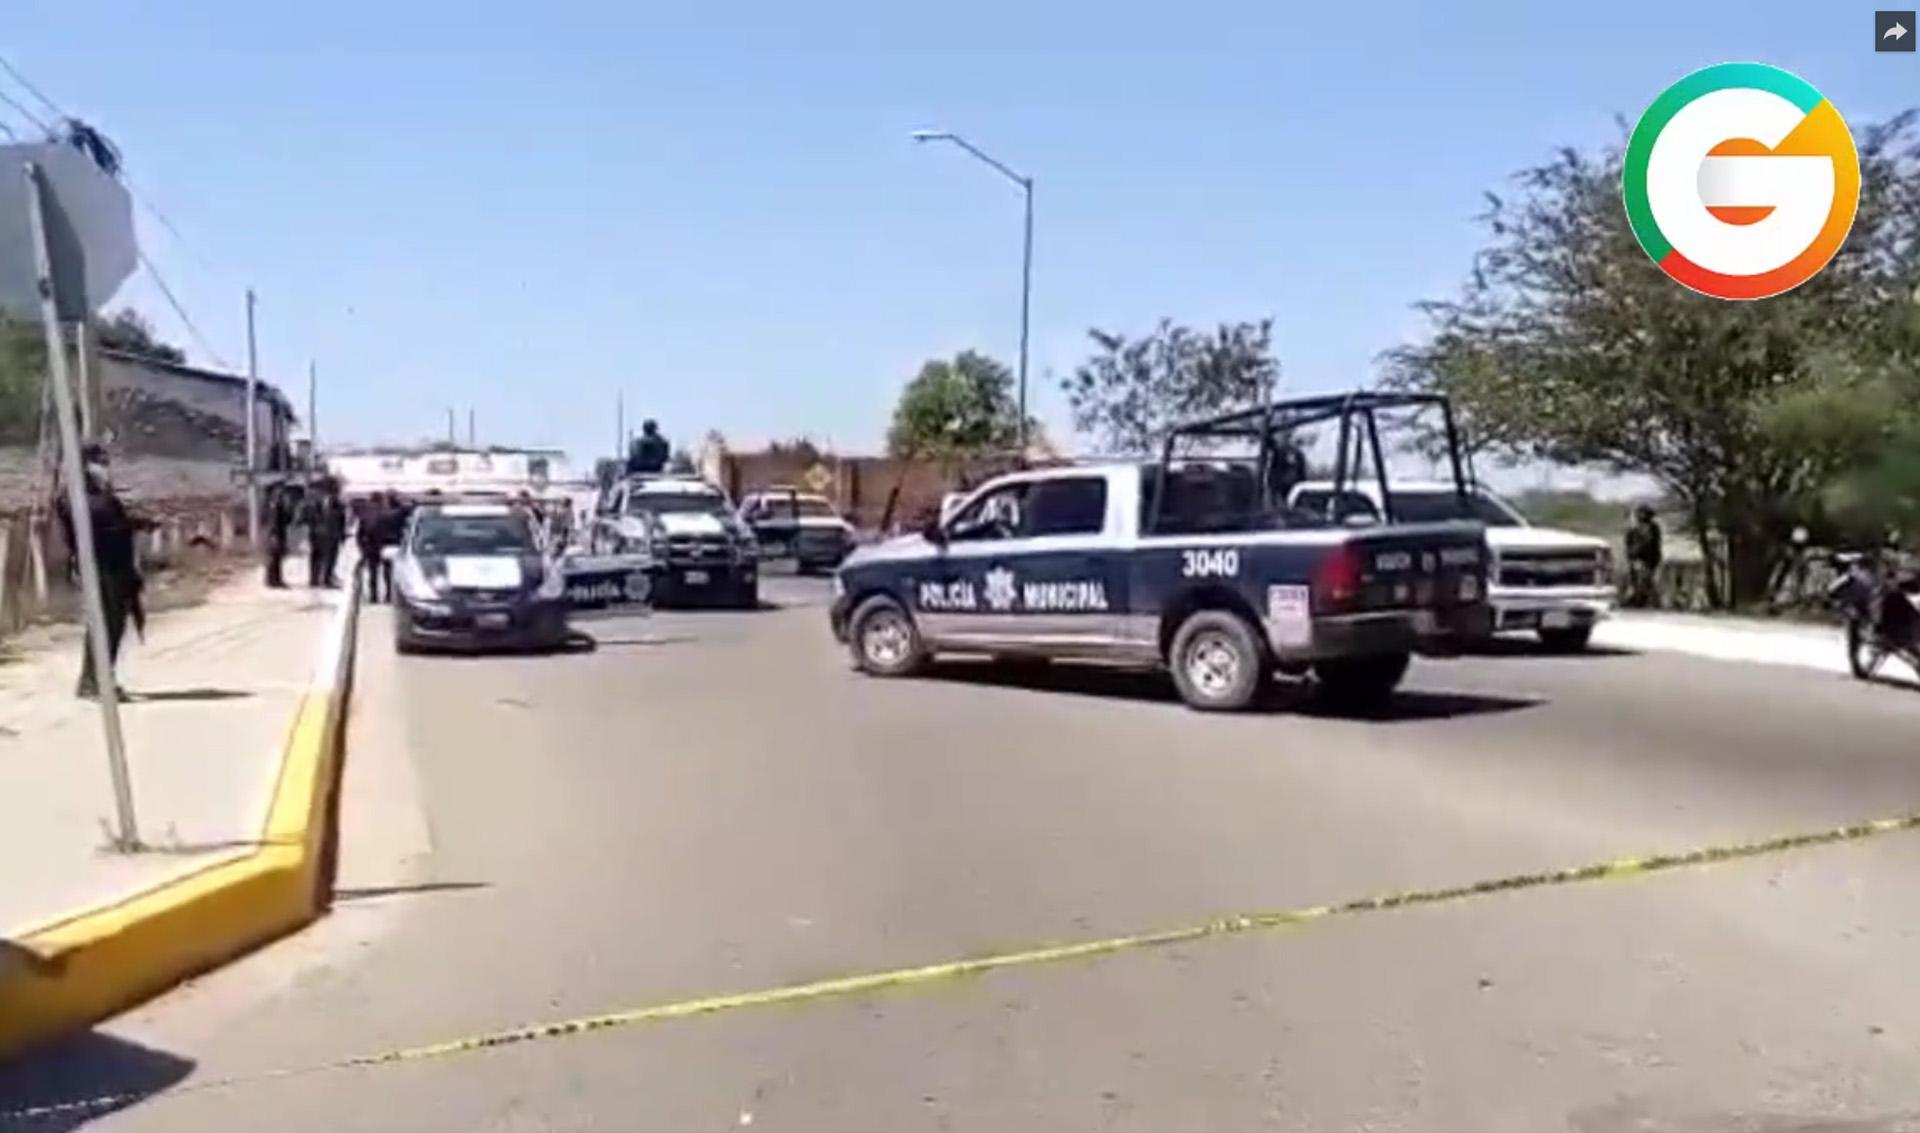 Sicarios rescatan a detenido, golpean y desarman a policías en Sinaloa